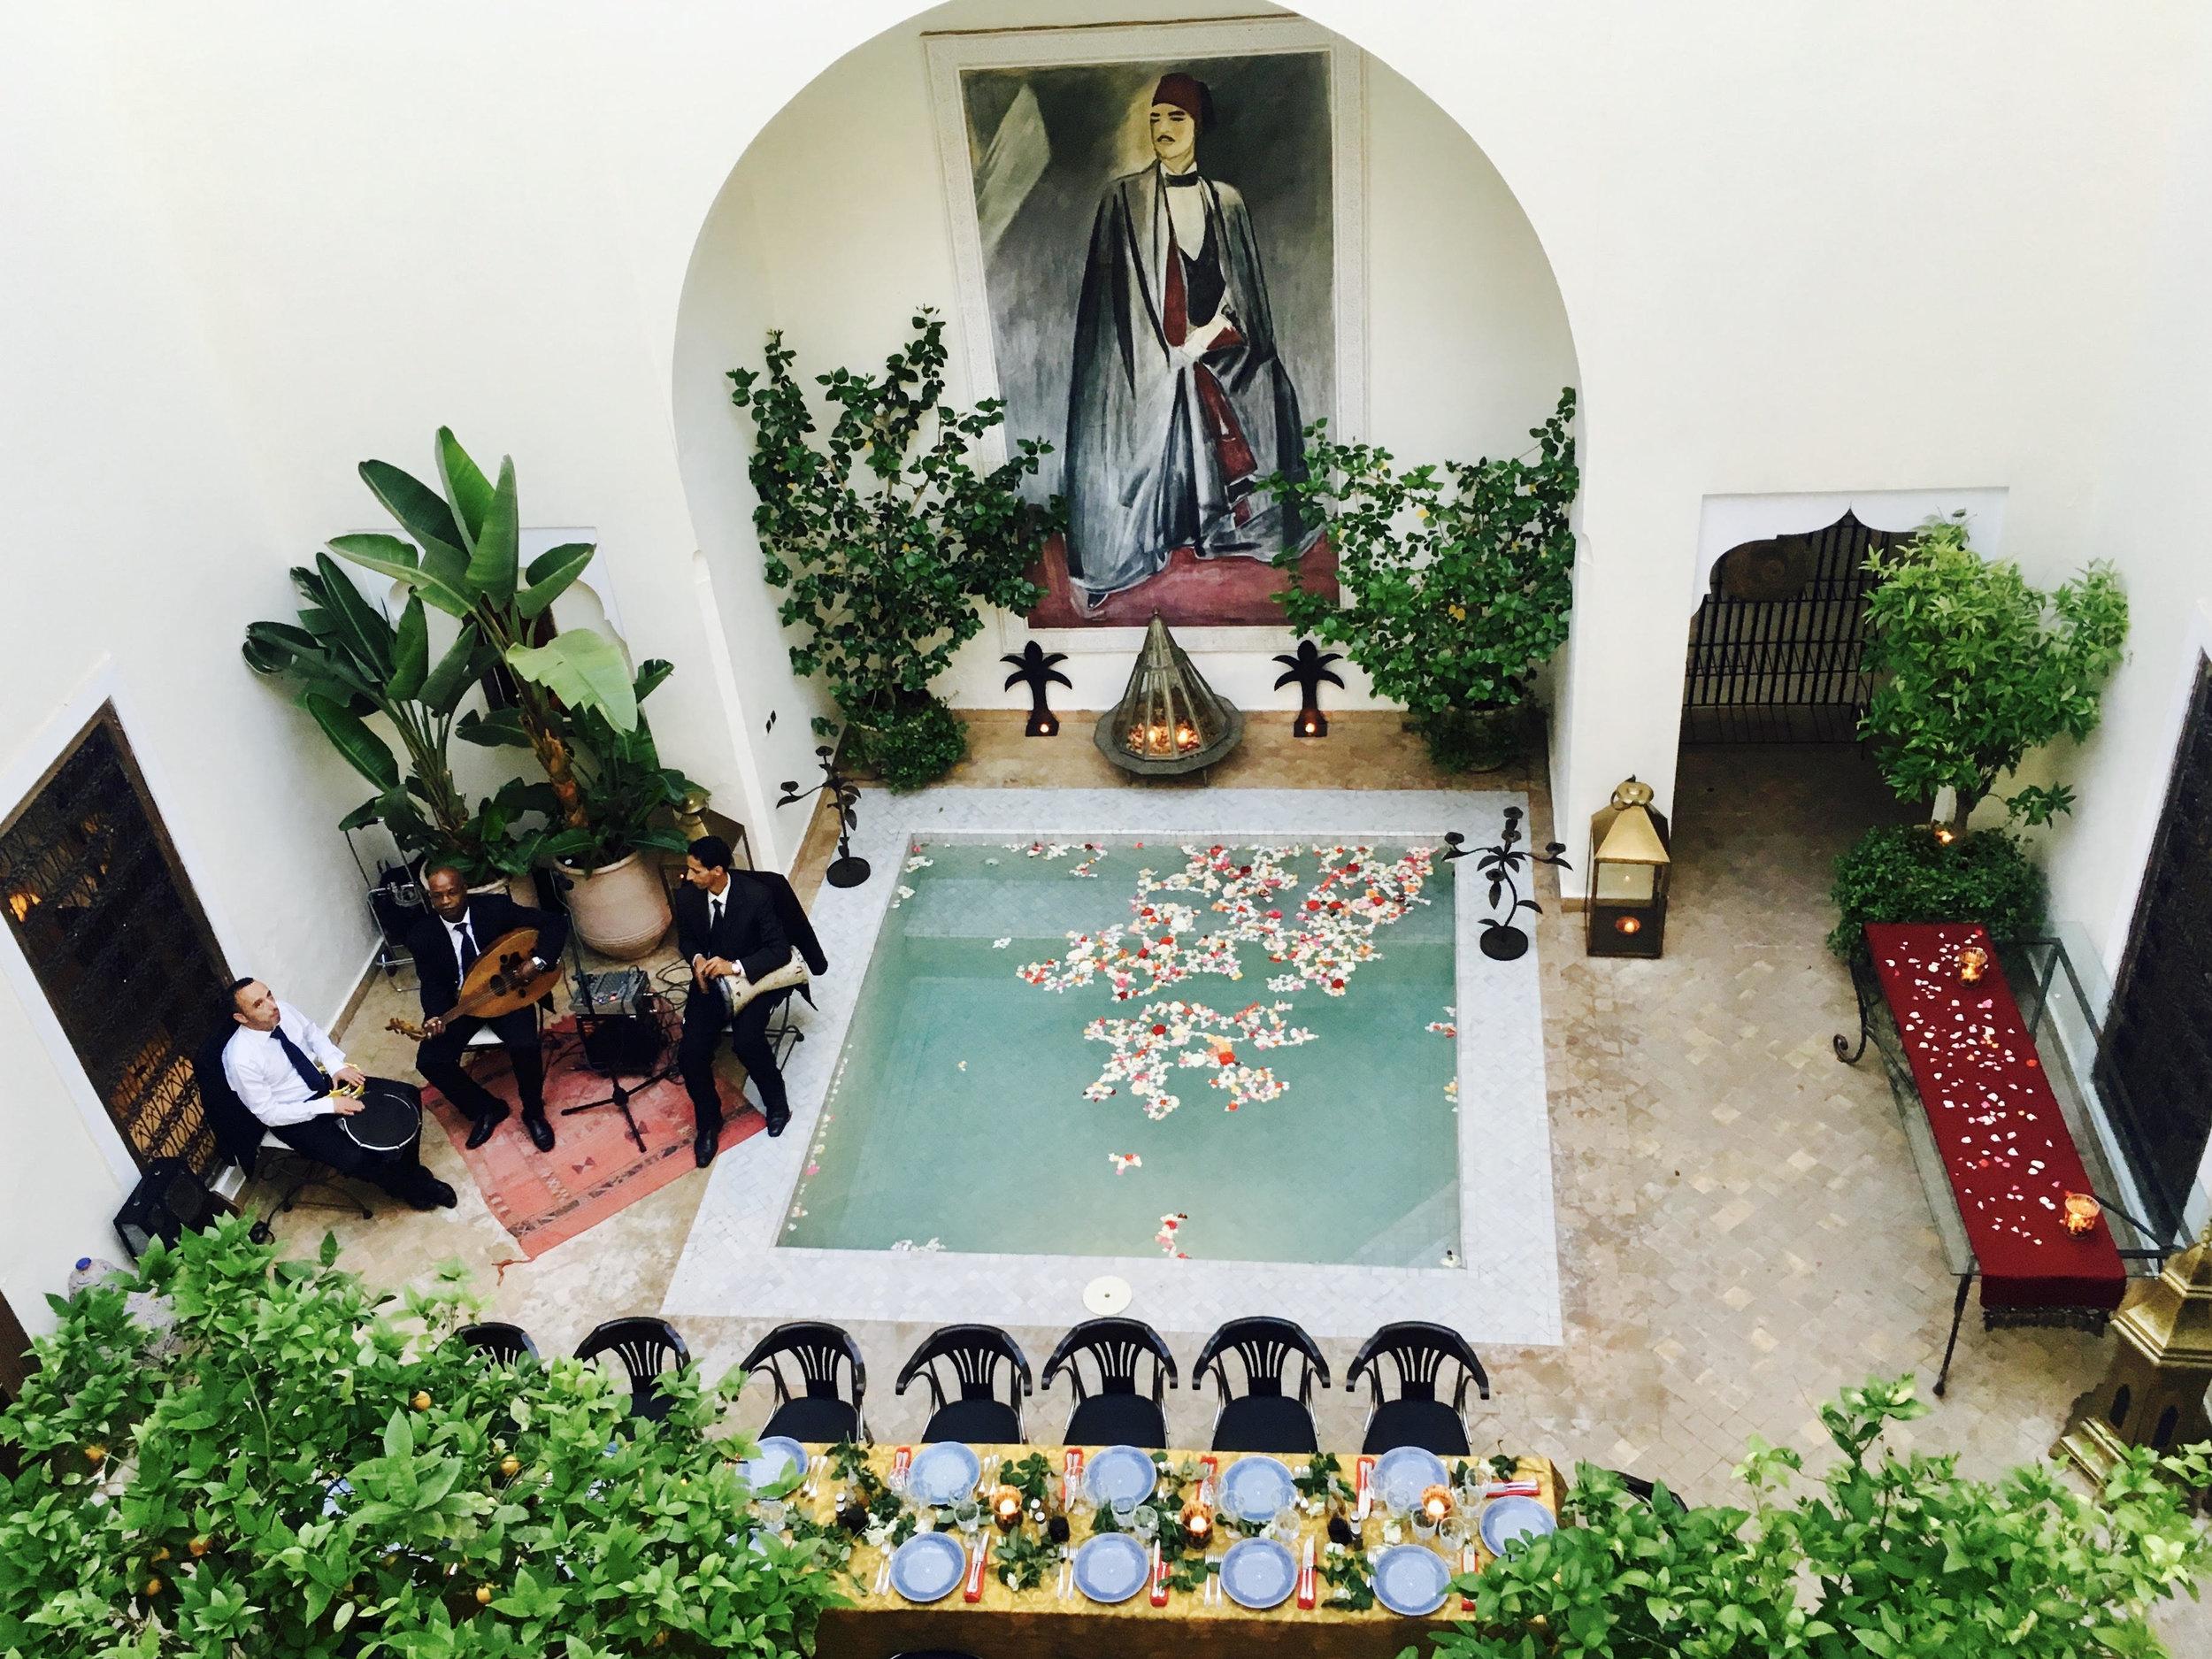 Riad du Ciel in the Medina Marrakech